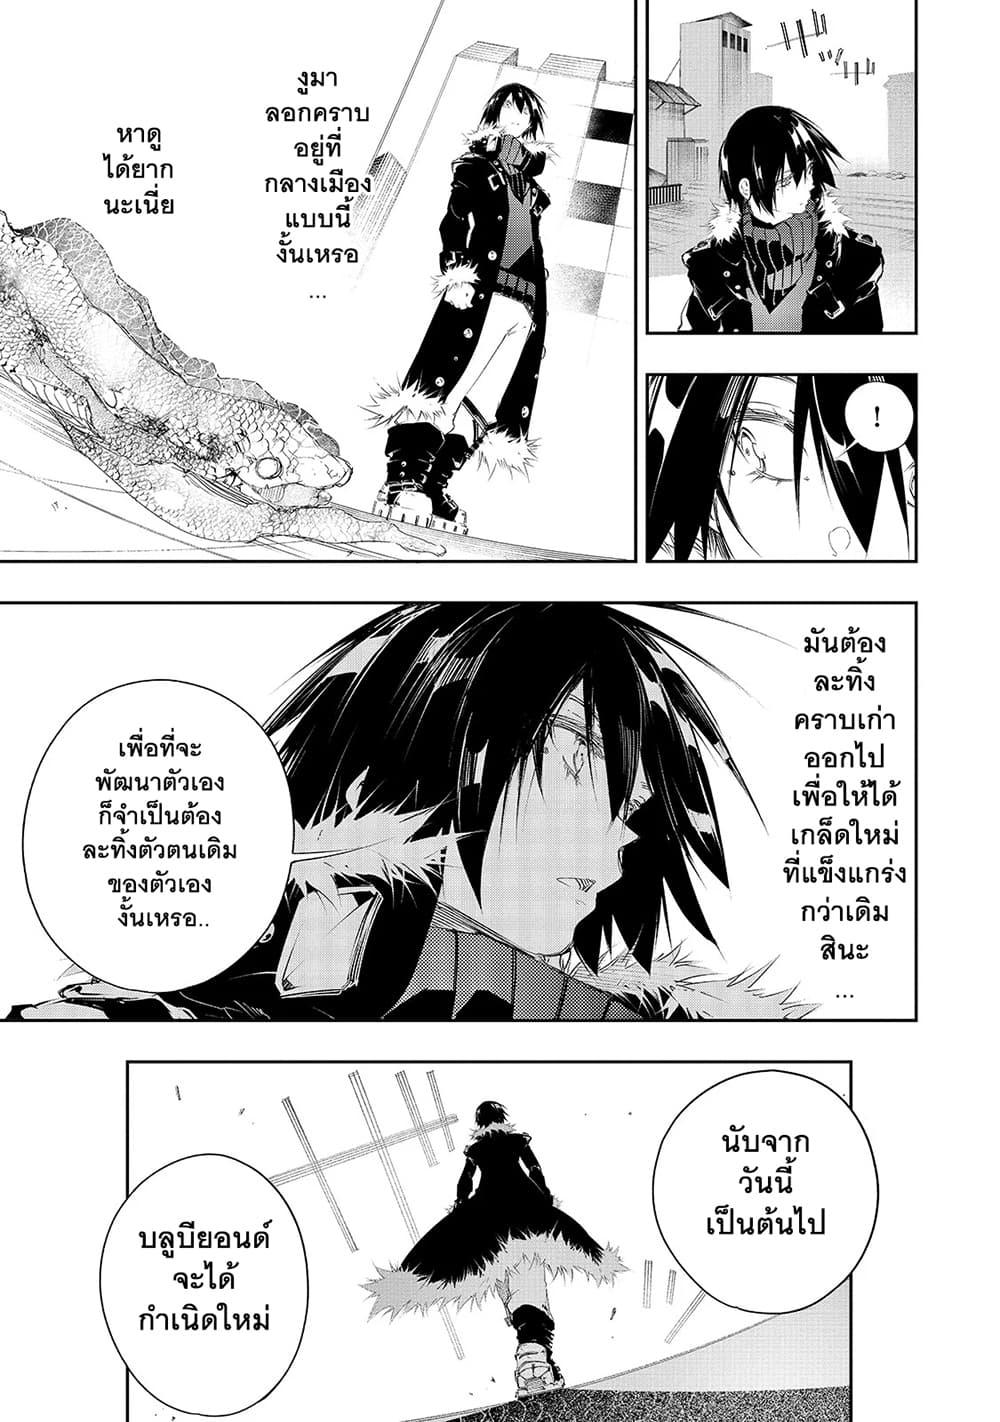 อ่านการ์ตูน Saikyou no Shien-shoku Wajutsushi Dearu Ore wa Sekai Saikyou Kuran o Shitagaeru ตอนที่ 8 หน้าที่ 24